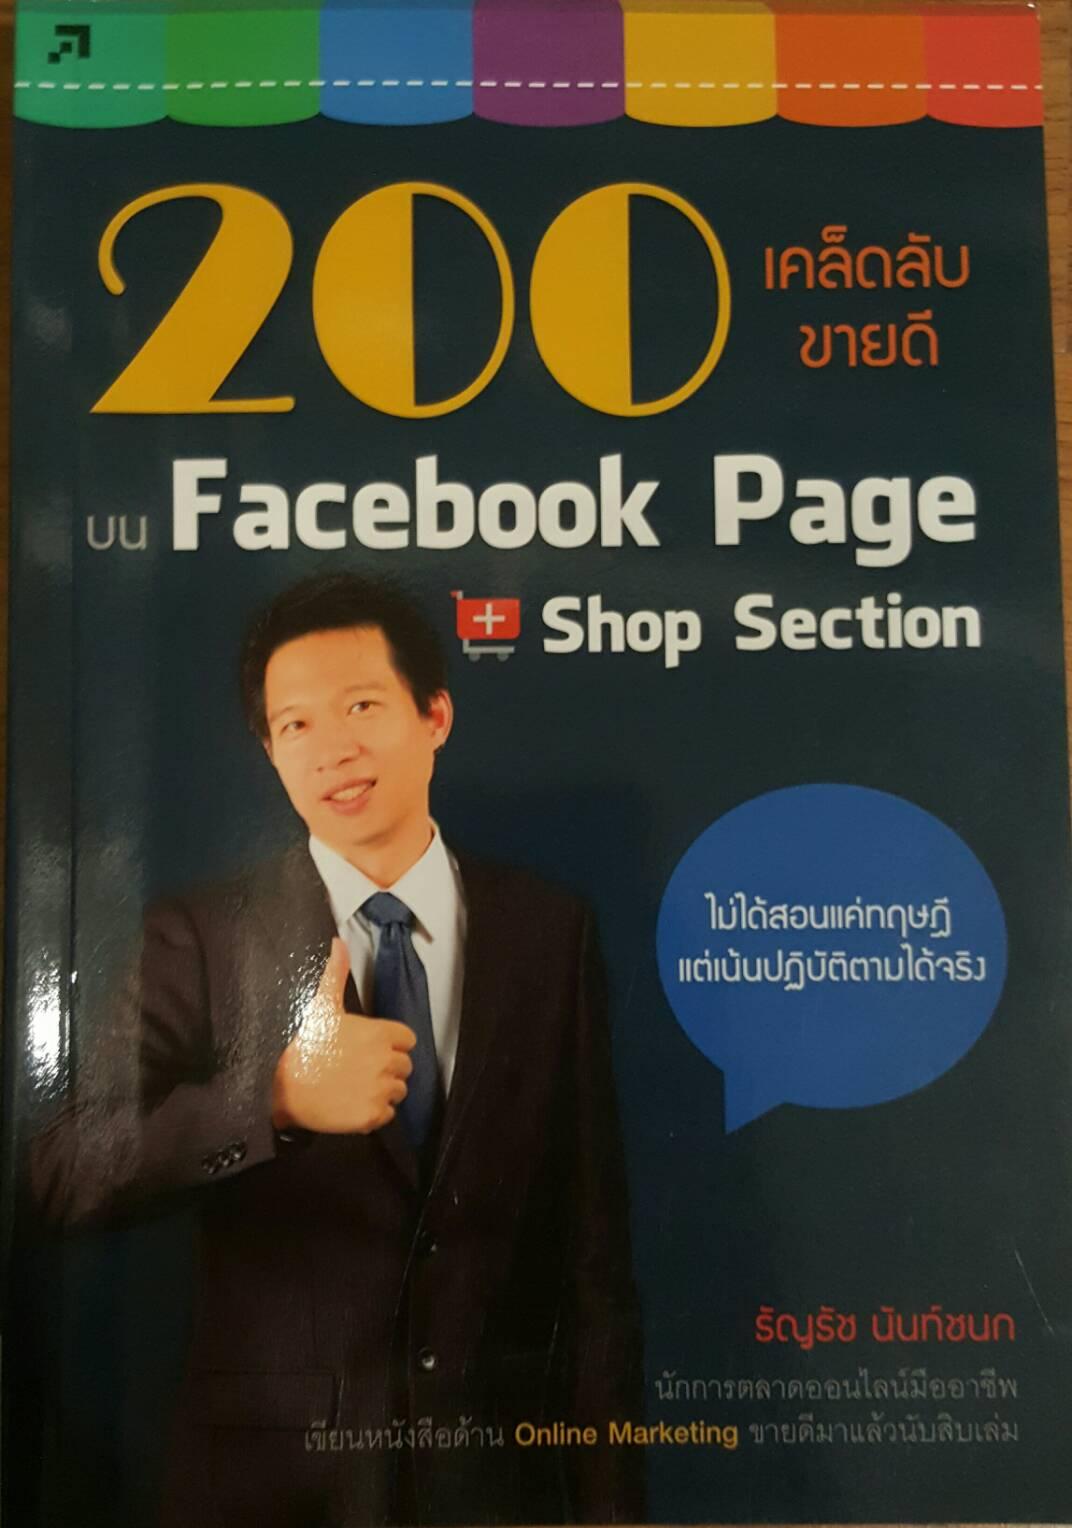 200เคล็ดลับขายดีบน Facebook Page+Shop Section